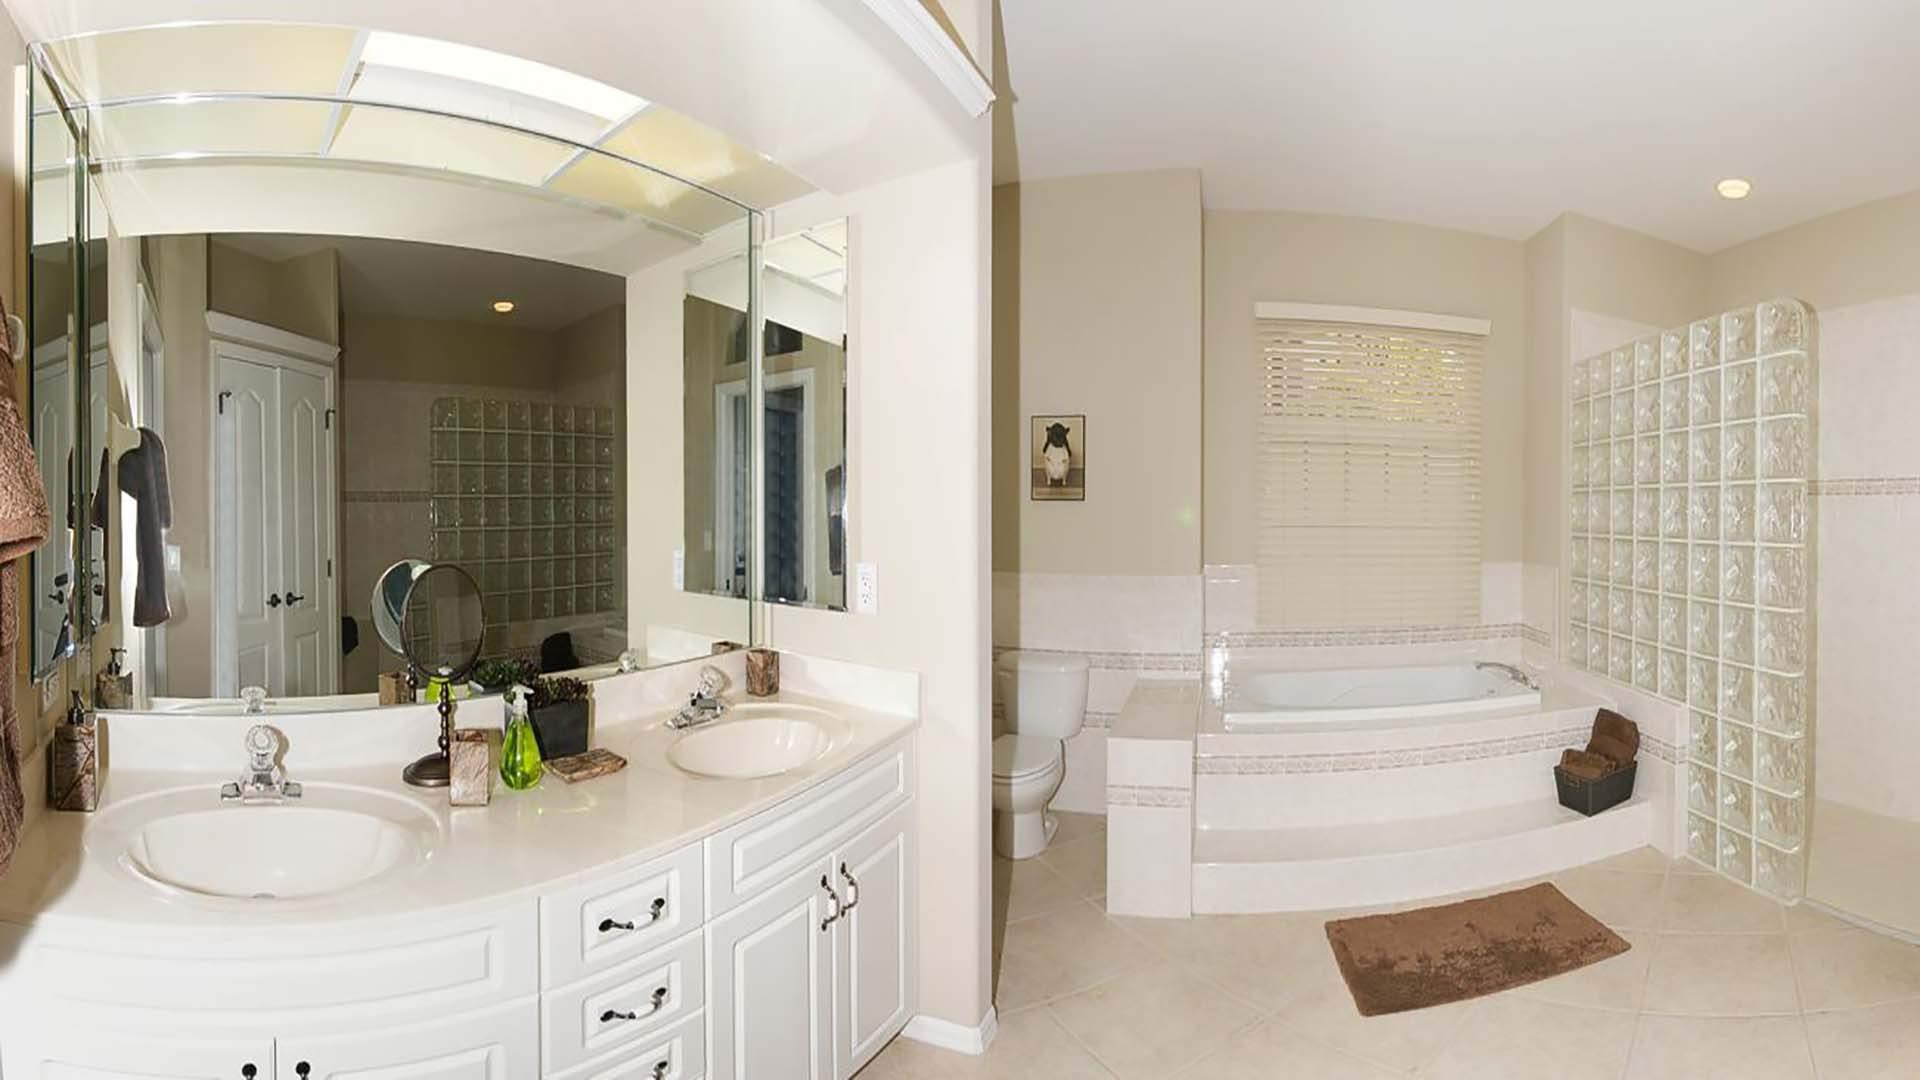 Begehbare Dusche Mit Glasbausteinen : Wanne, begehbare Dusche aus Glasbausteinen und ein Doppelwaschbecken